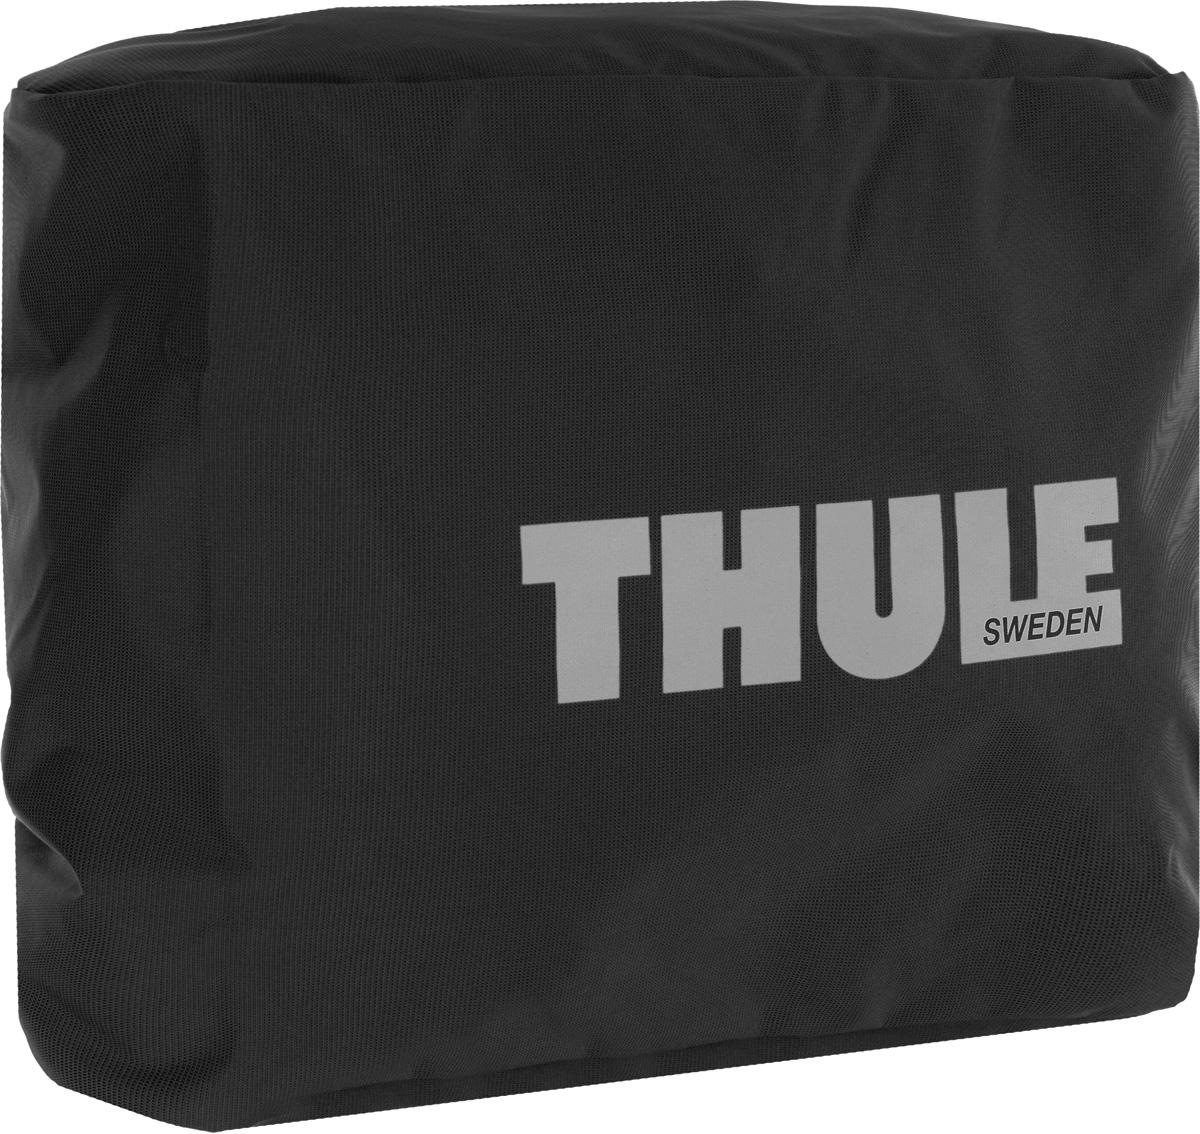 Чехол-дождевик для сумки Thule Pannier, цвет: черныйRivaCase 8460 blackЧехол-дождевик для сумки Thule Pannier предназначен для использования с велосипедными сумками Thule Packn Pedal Large Pannier. Чехол выполнен из прочного водонепроницаемого материала. Благодаря эластичной резинке легко и просто одевается на сумку. С таким чехлом ваша велосипедная сумка не промокнет, и все содержимое останется сухим.